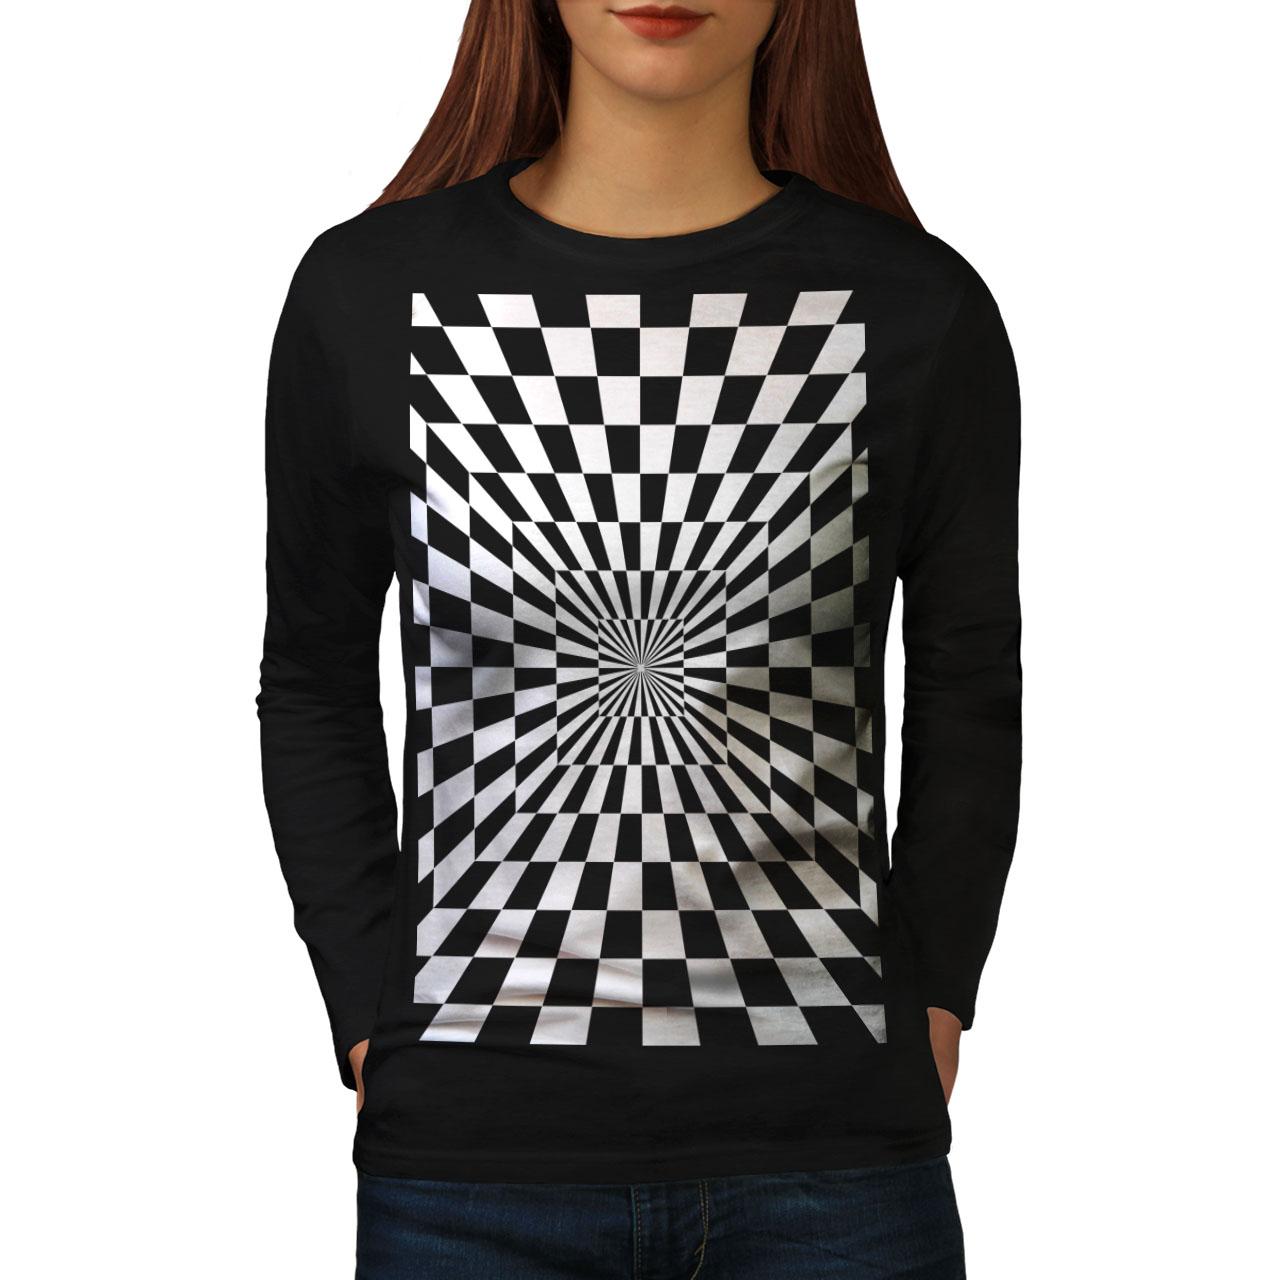 Square Illusion Motif Femmes T-shirt à manches longues Nouveauwellcoda